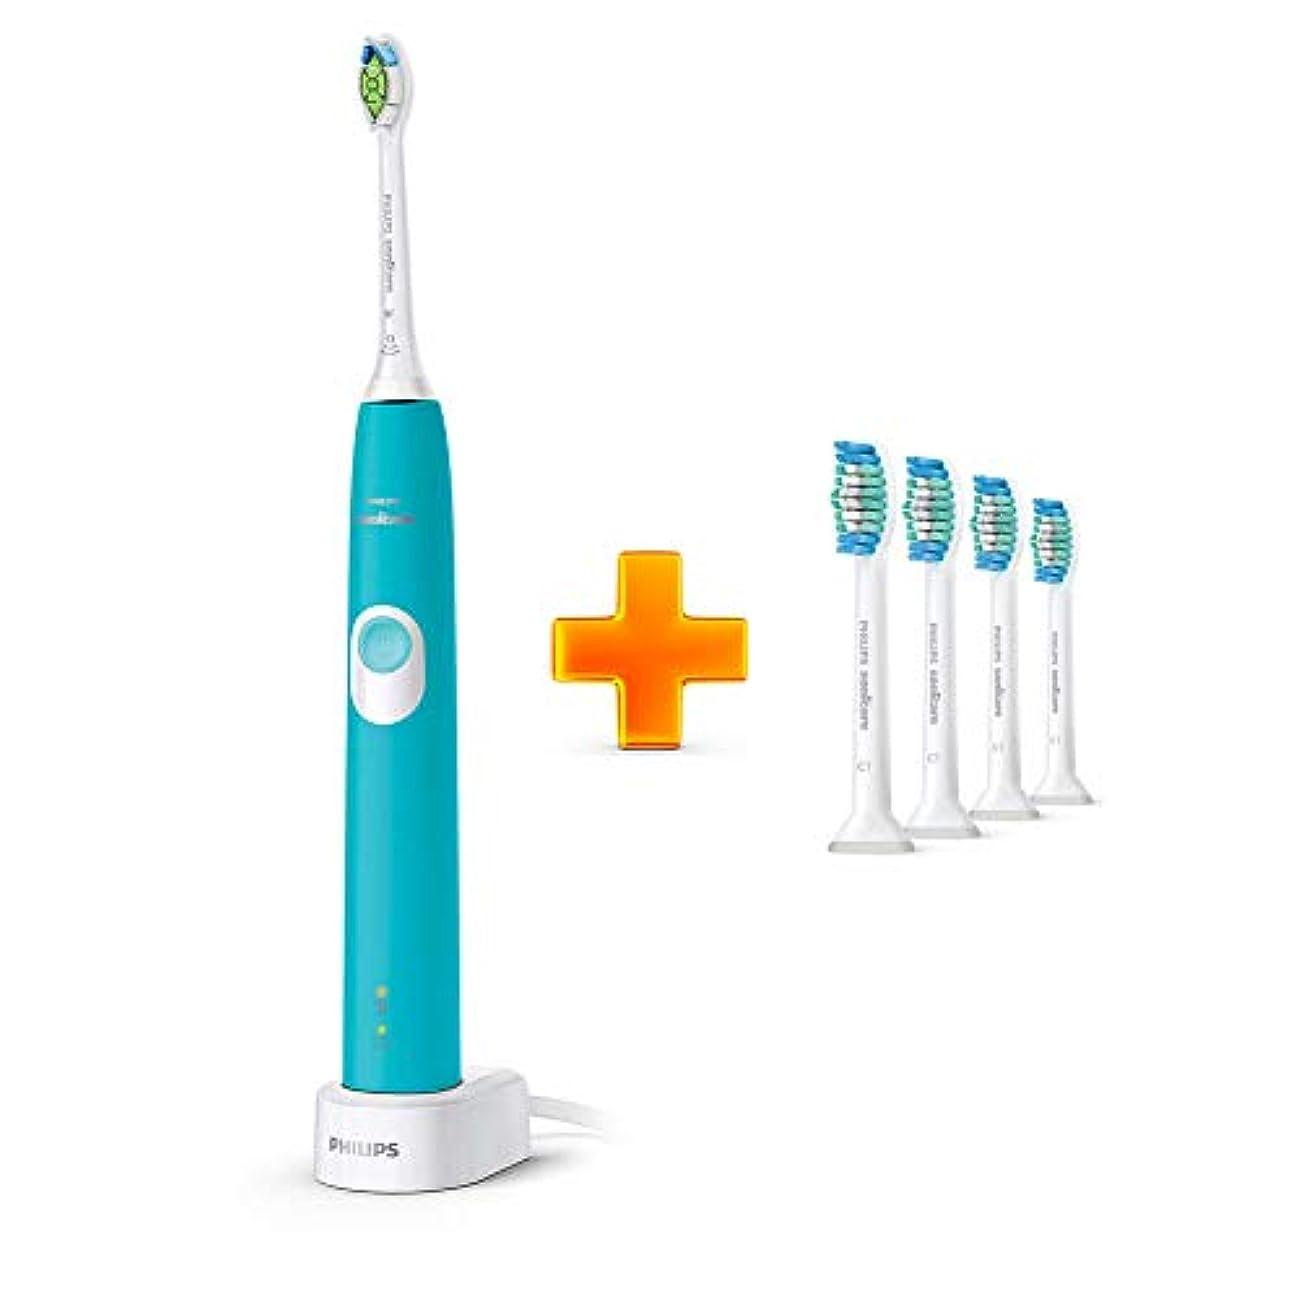 アトミック重要債権者Philips Sonicare ProtectiveClean 4300 HX6802プラークコントロール、充電式電動歯ブラシTurkey Blue + PRORESULT歯ブラシHX6014 4 PCS [並行輸入品]